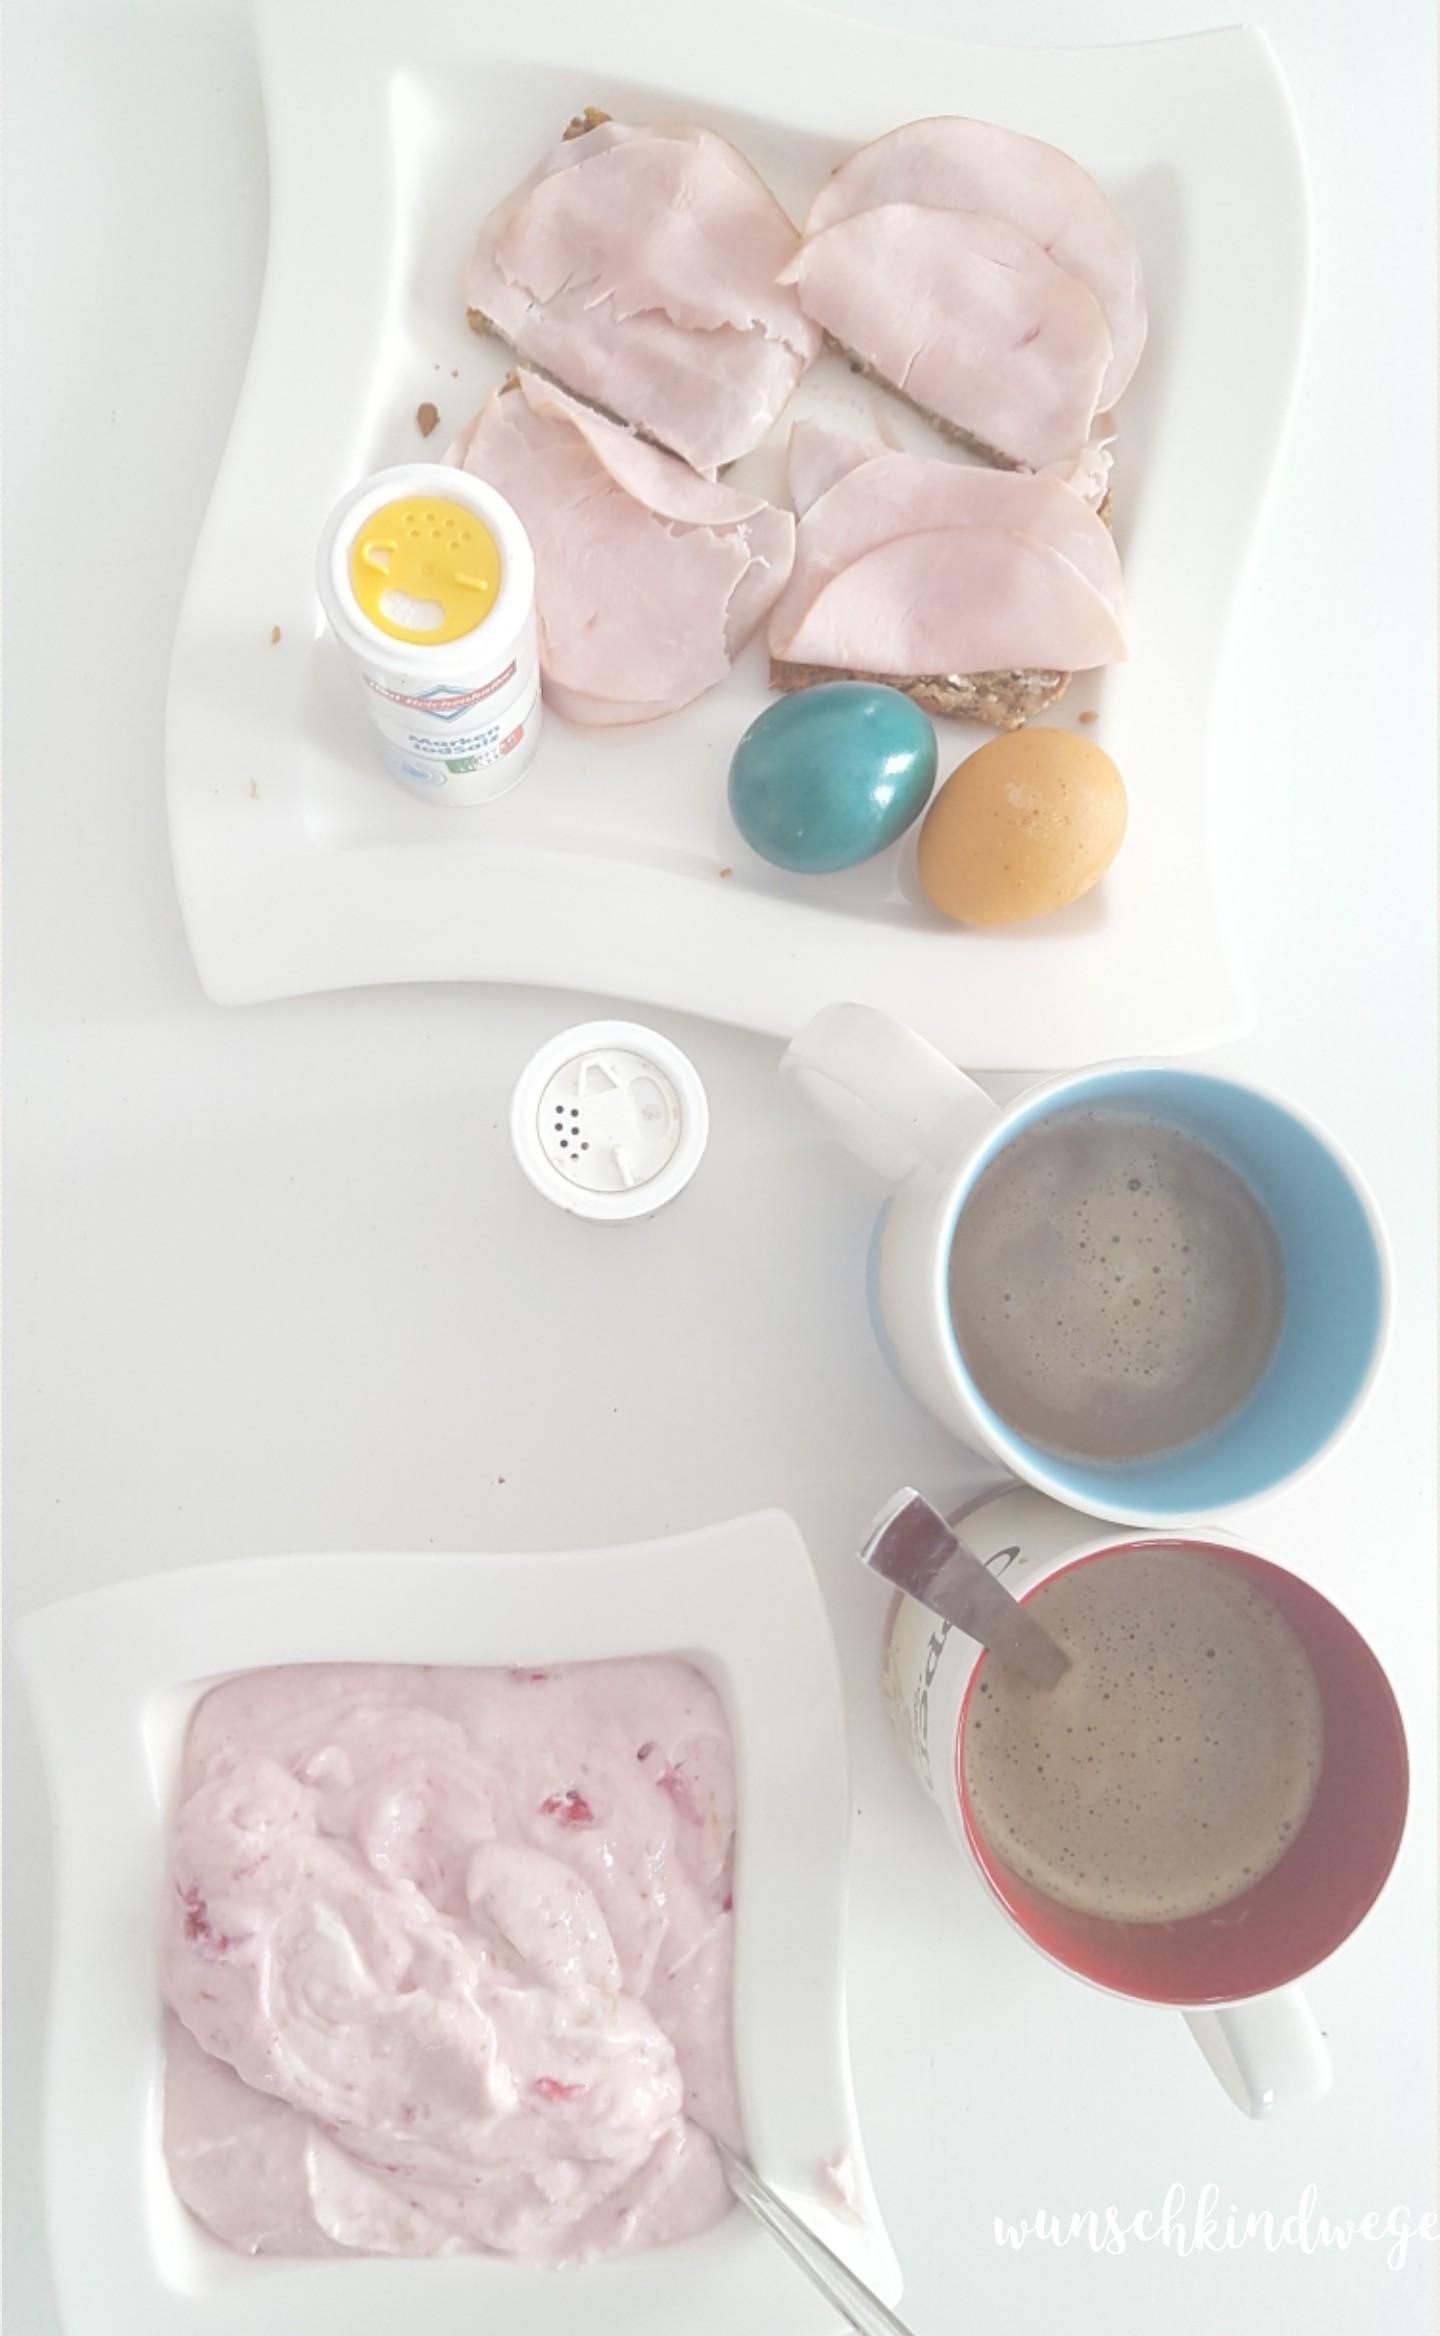 Osterwochenende in Bildern: Diätfrühstück